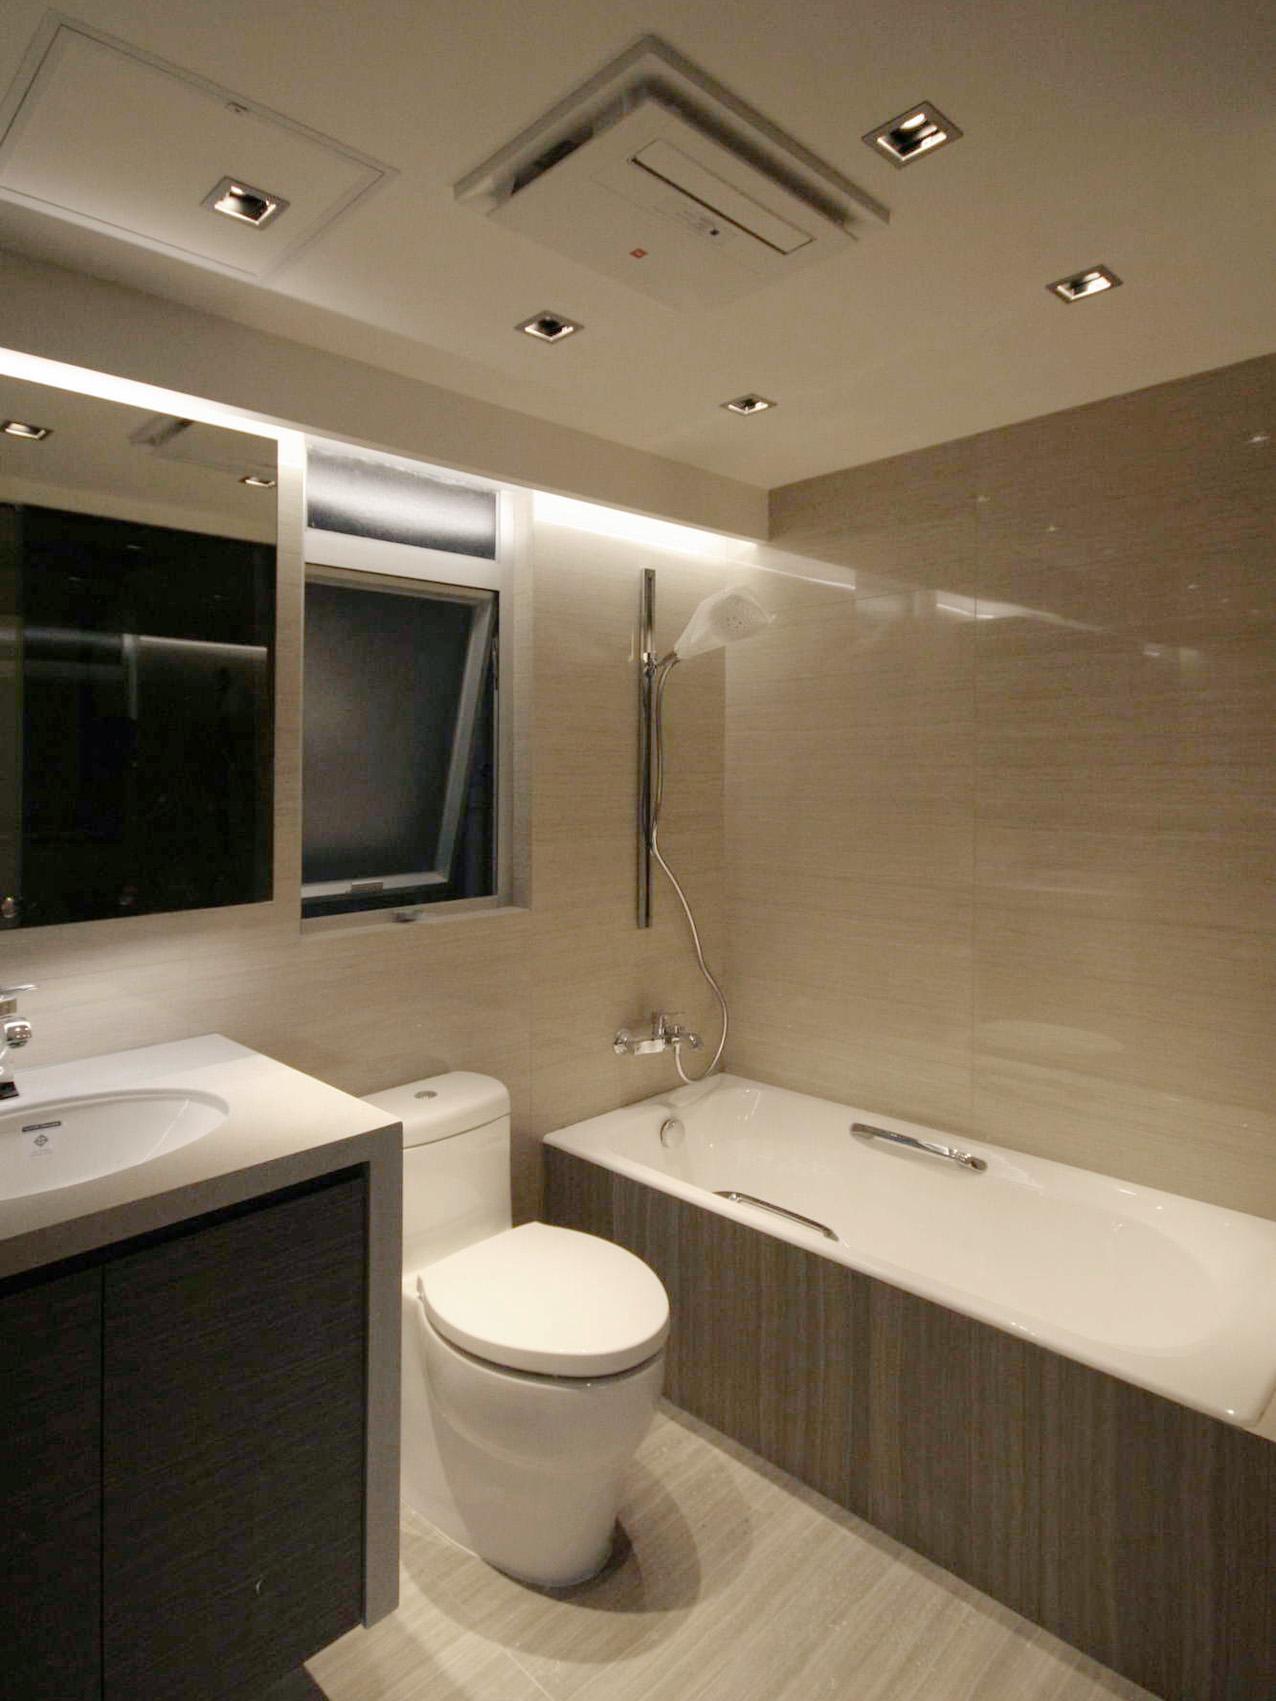 1350-falsed ceiling light-bathroom-home idea-breeze design studio 柔室內設計裝修.JPG